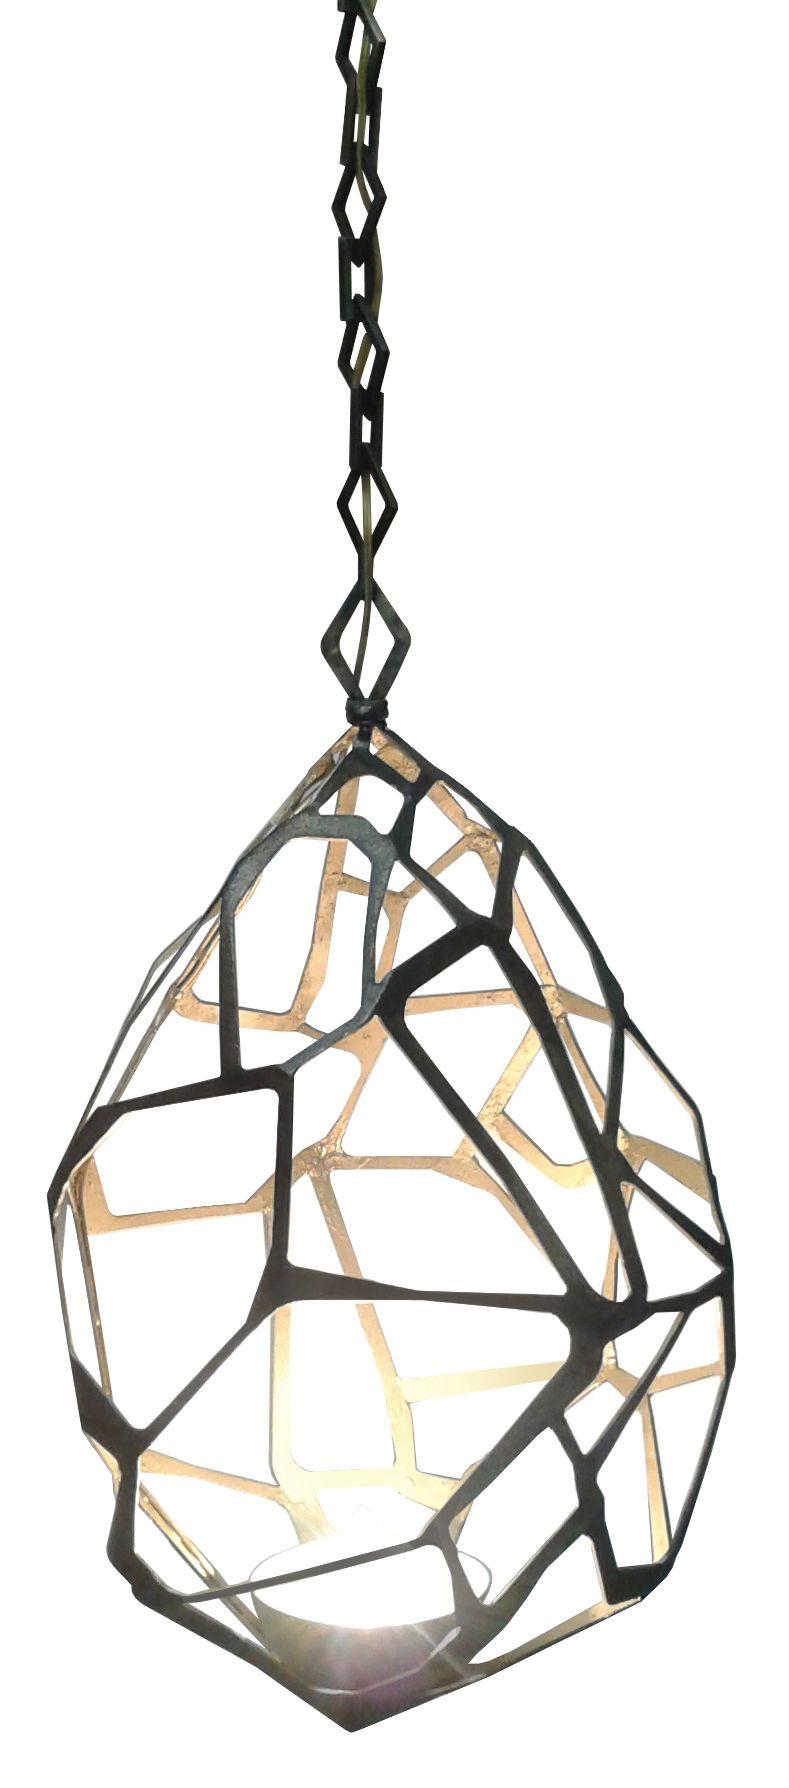 77678 LED Honeycomb Light Fixture 1